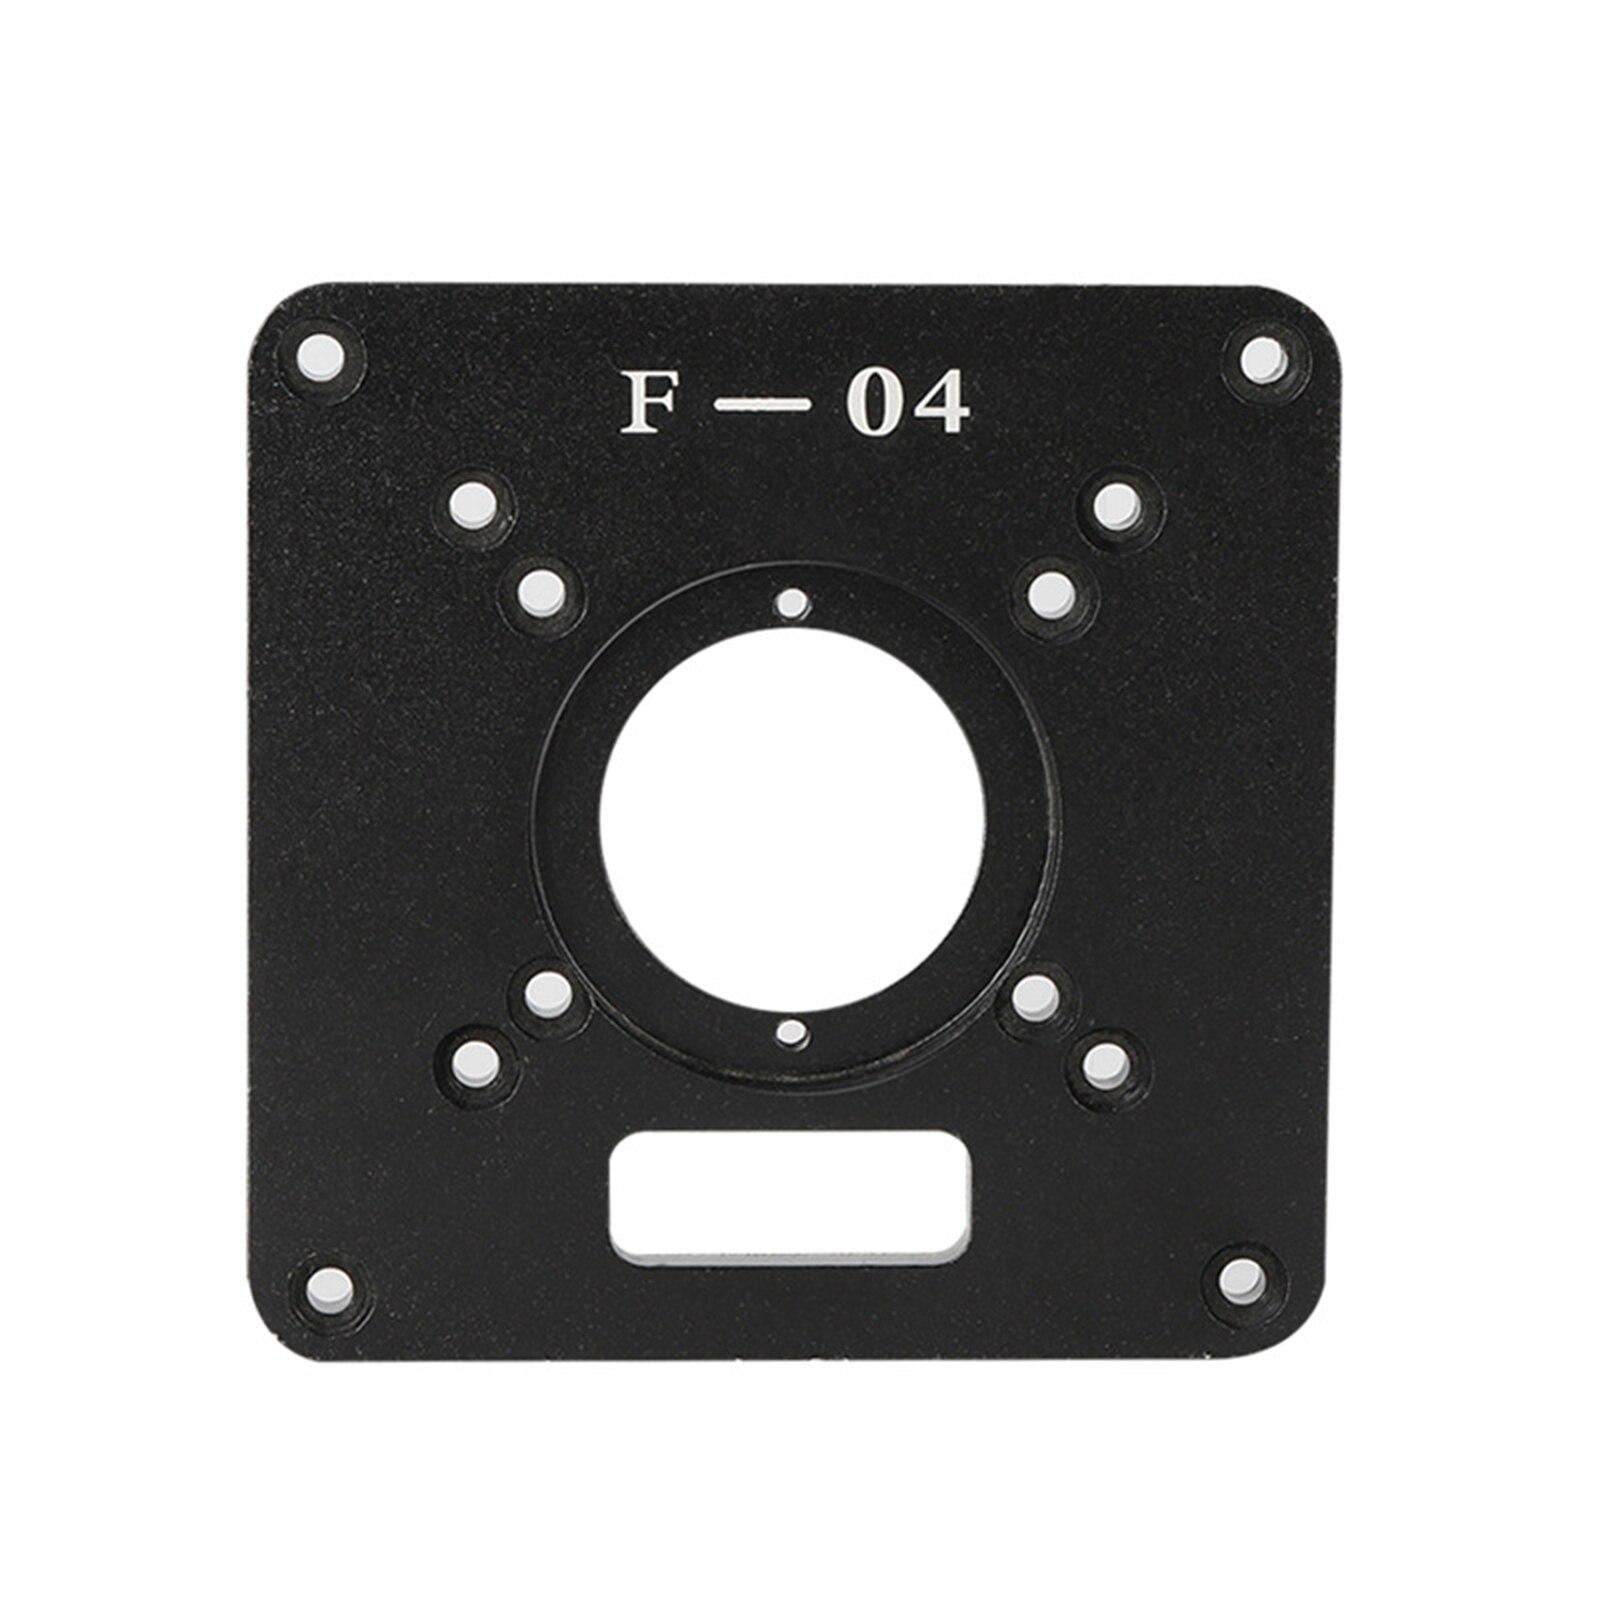 Máquina de aparar placa da aleta para bancos de madeira roteador placa mesa universal rt0700c alumínio placa inserção